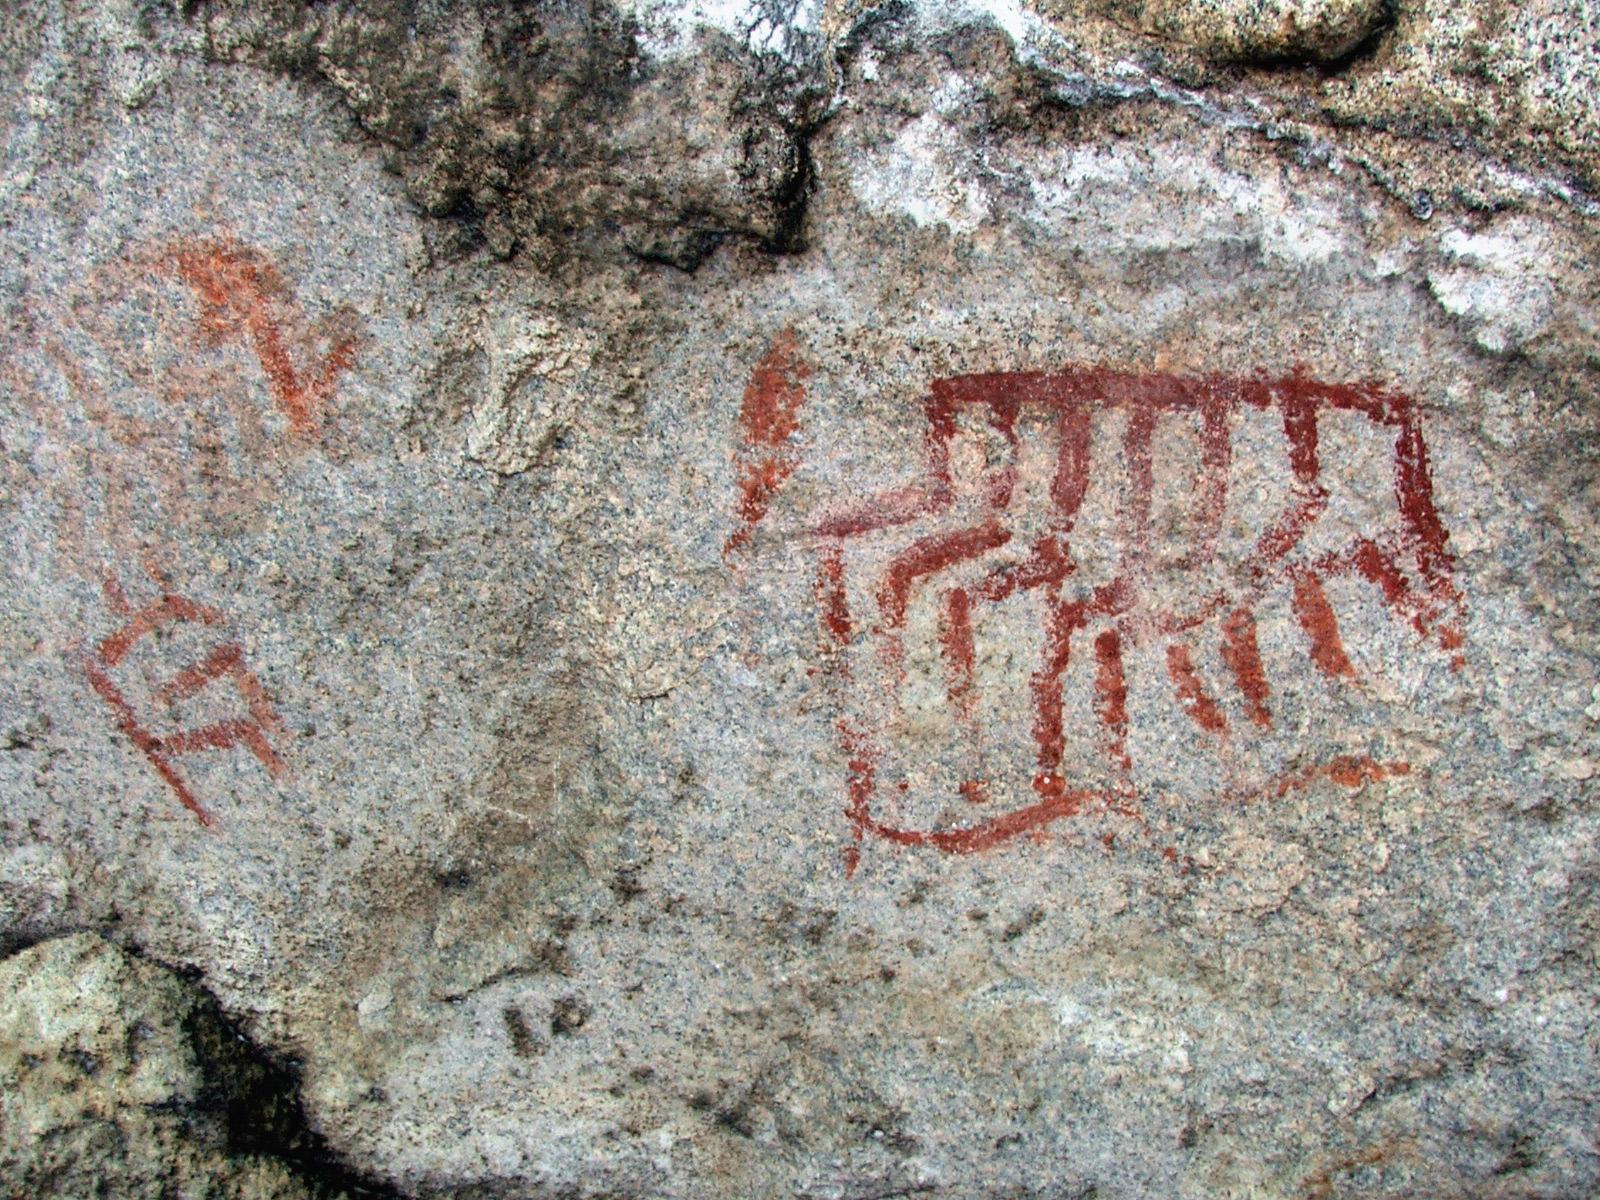 Os sítios atingidos contêm informações importantes sobre a dispersão do grupo indígena Tupi pelo Brasil (FOTO: Divulgação)